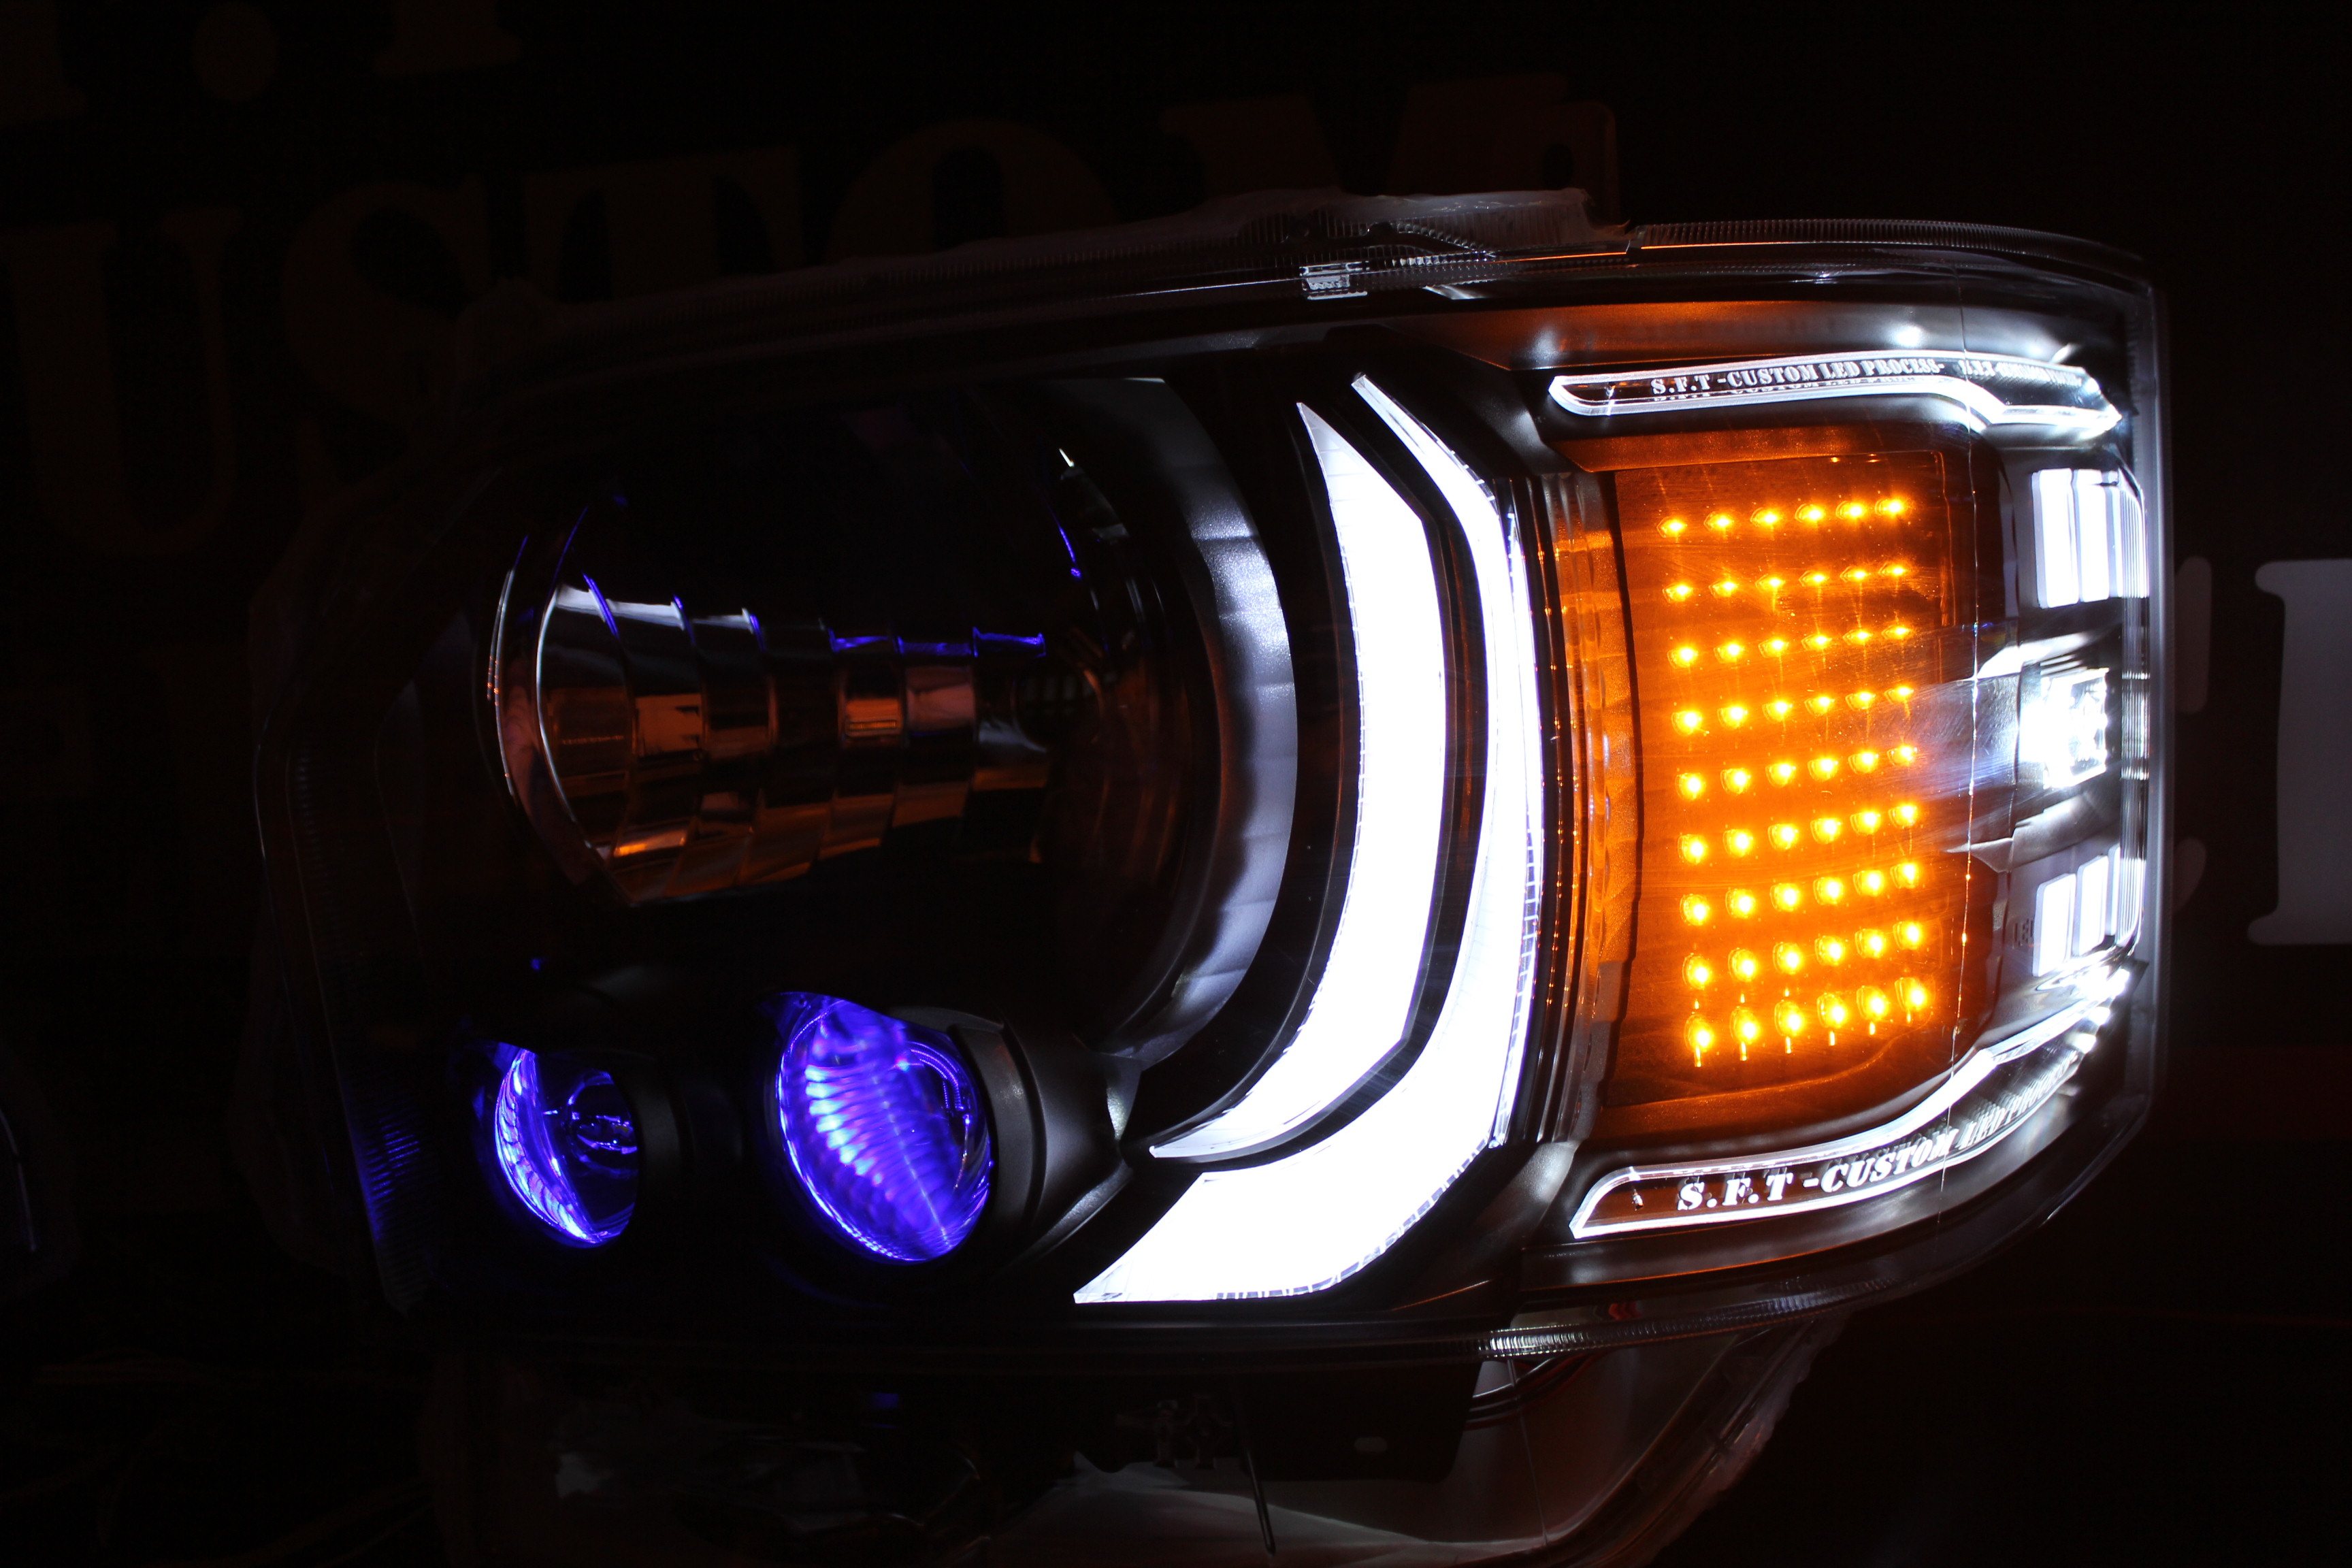 ハイエース4型 ライト加工